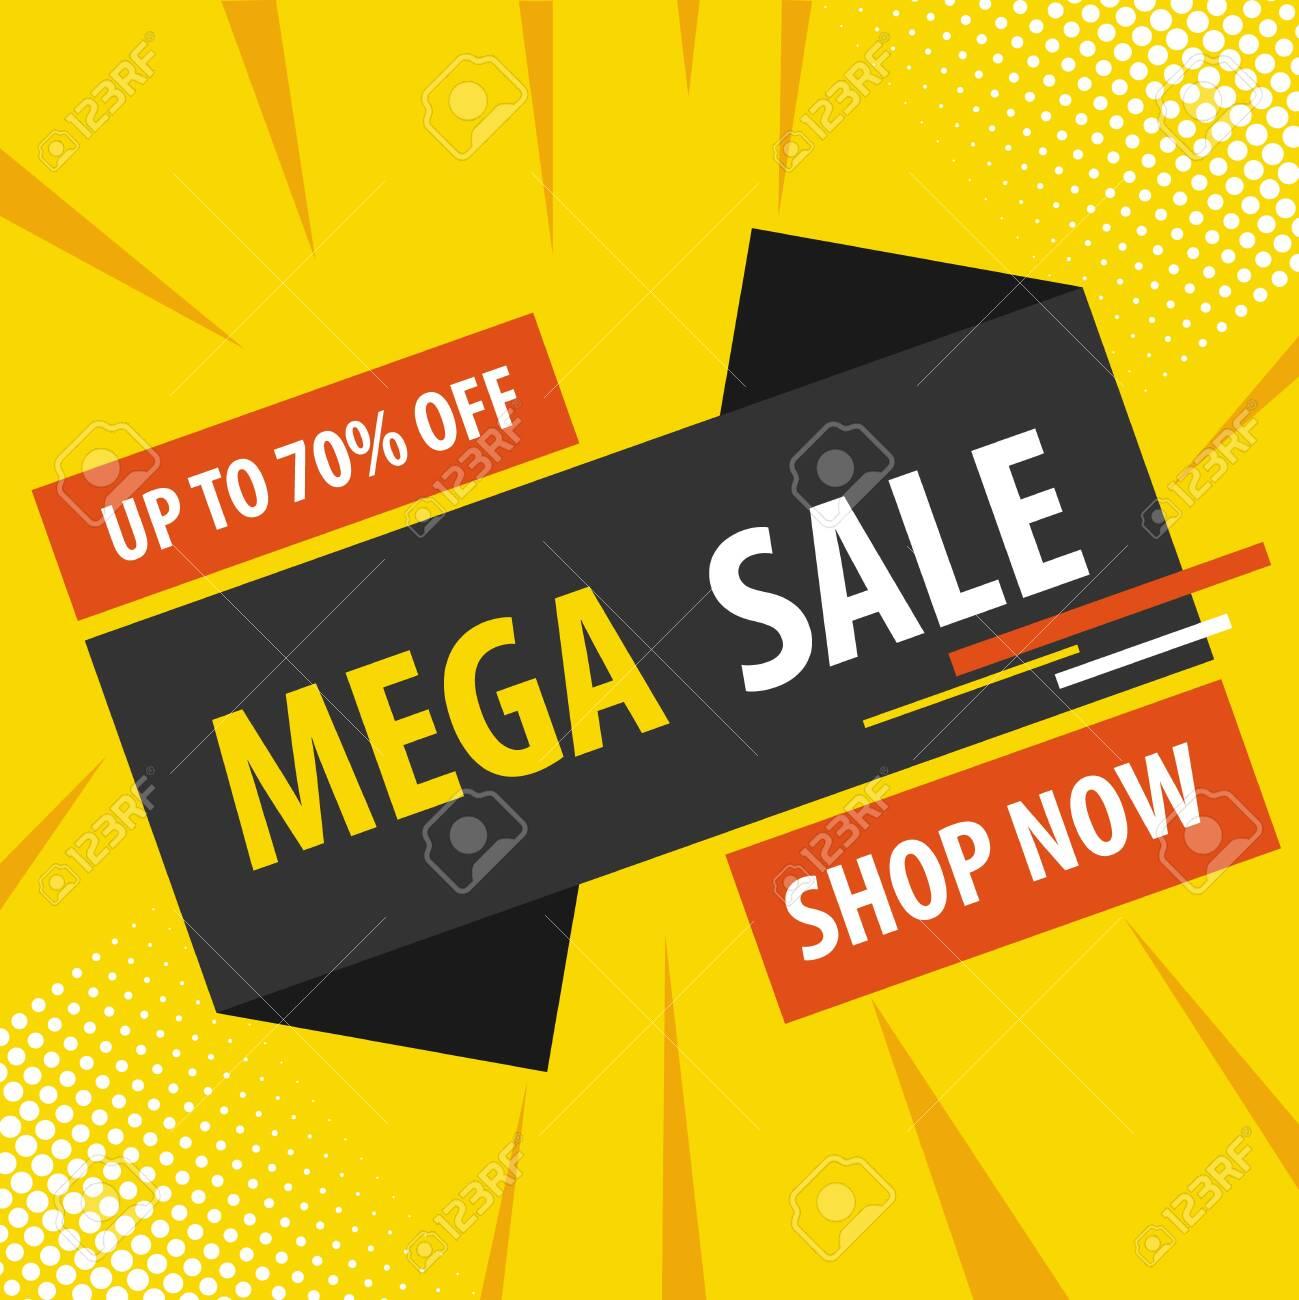 Online sale, discounts on goods. Vector, cartoon illustration. Vector - 134878465